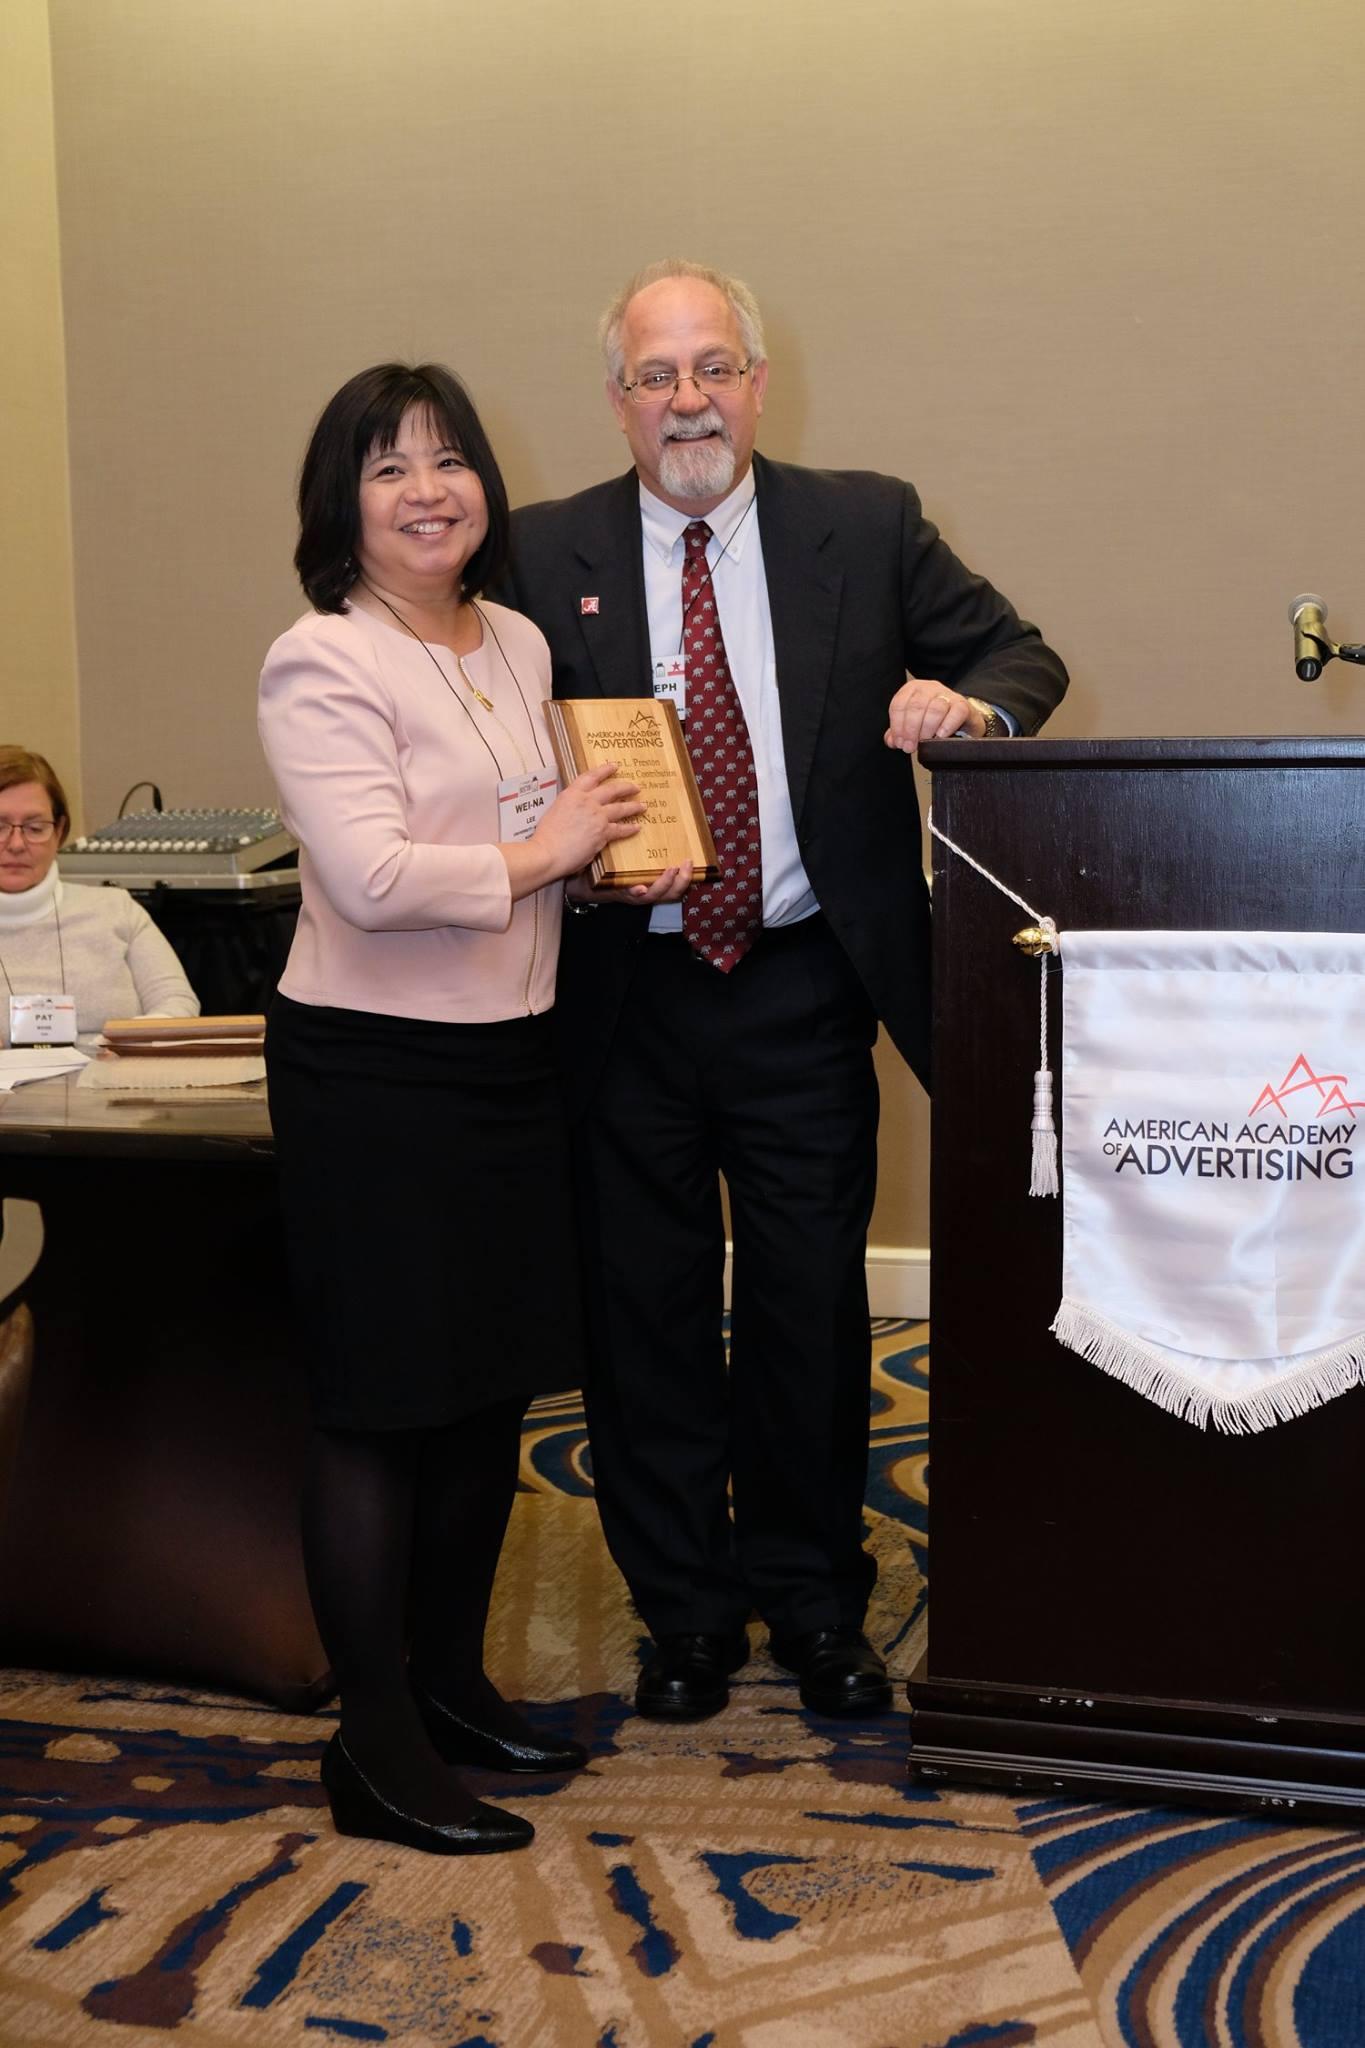 Wei-Na Lee receiving award